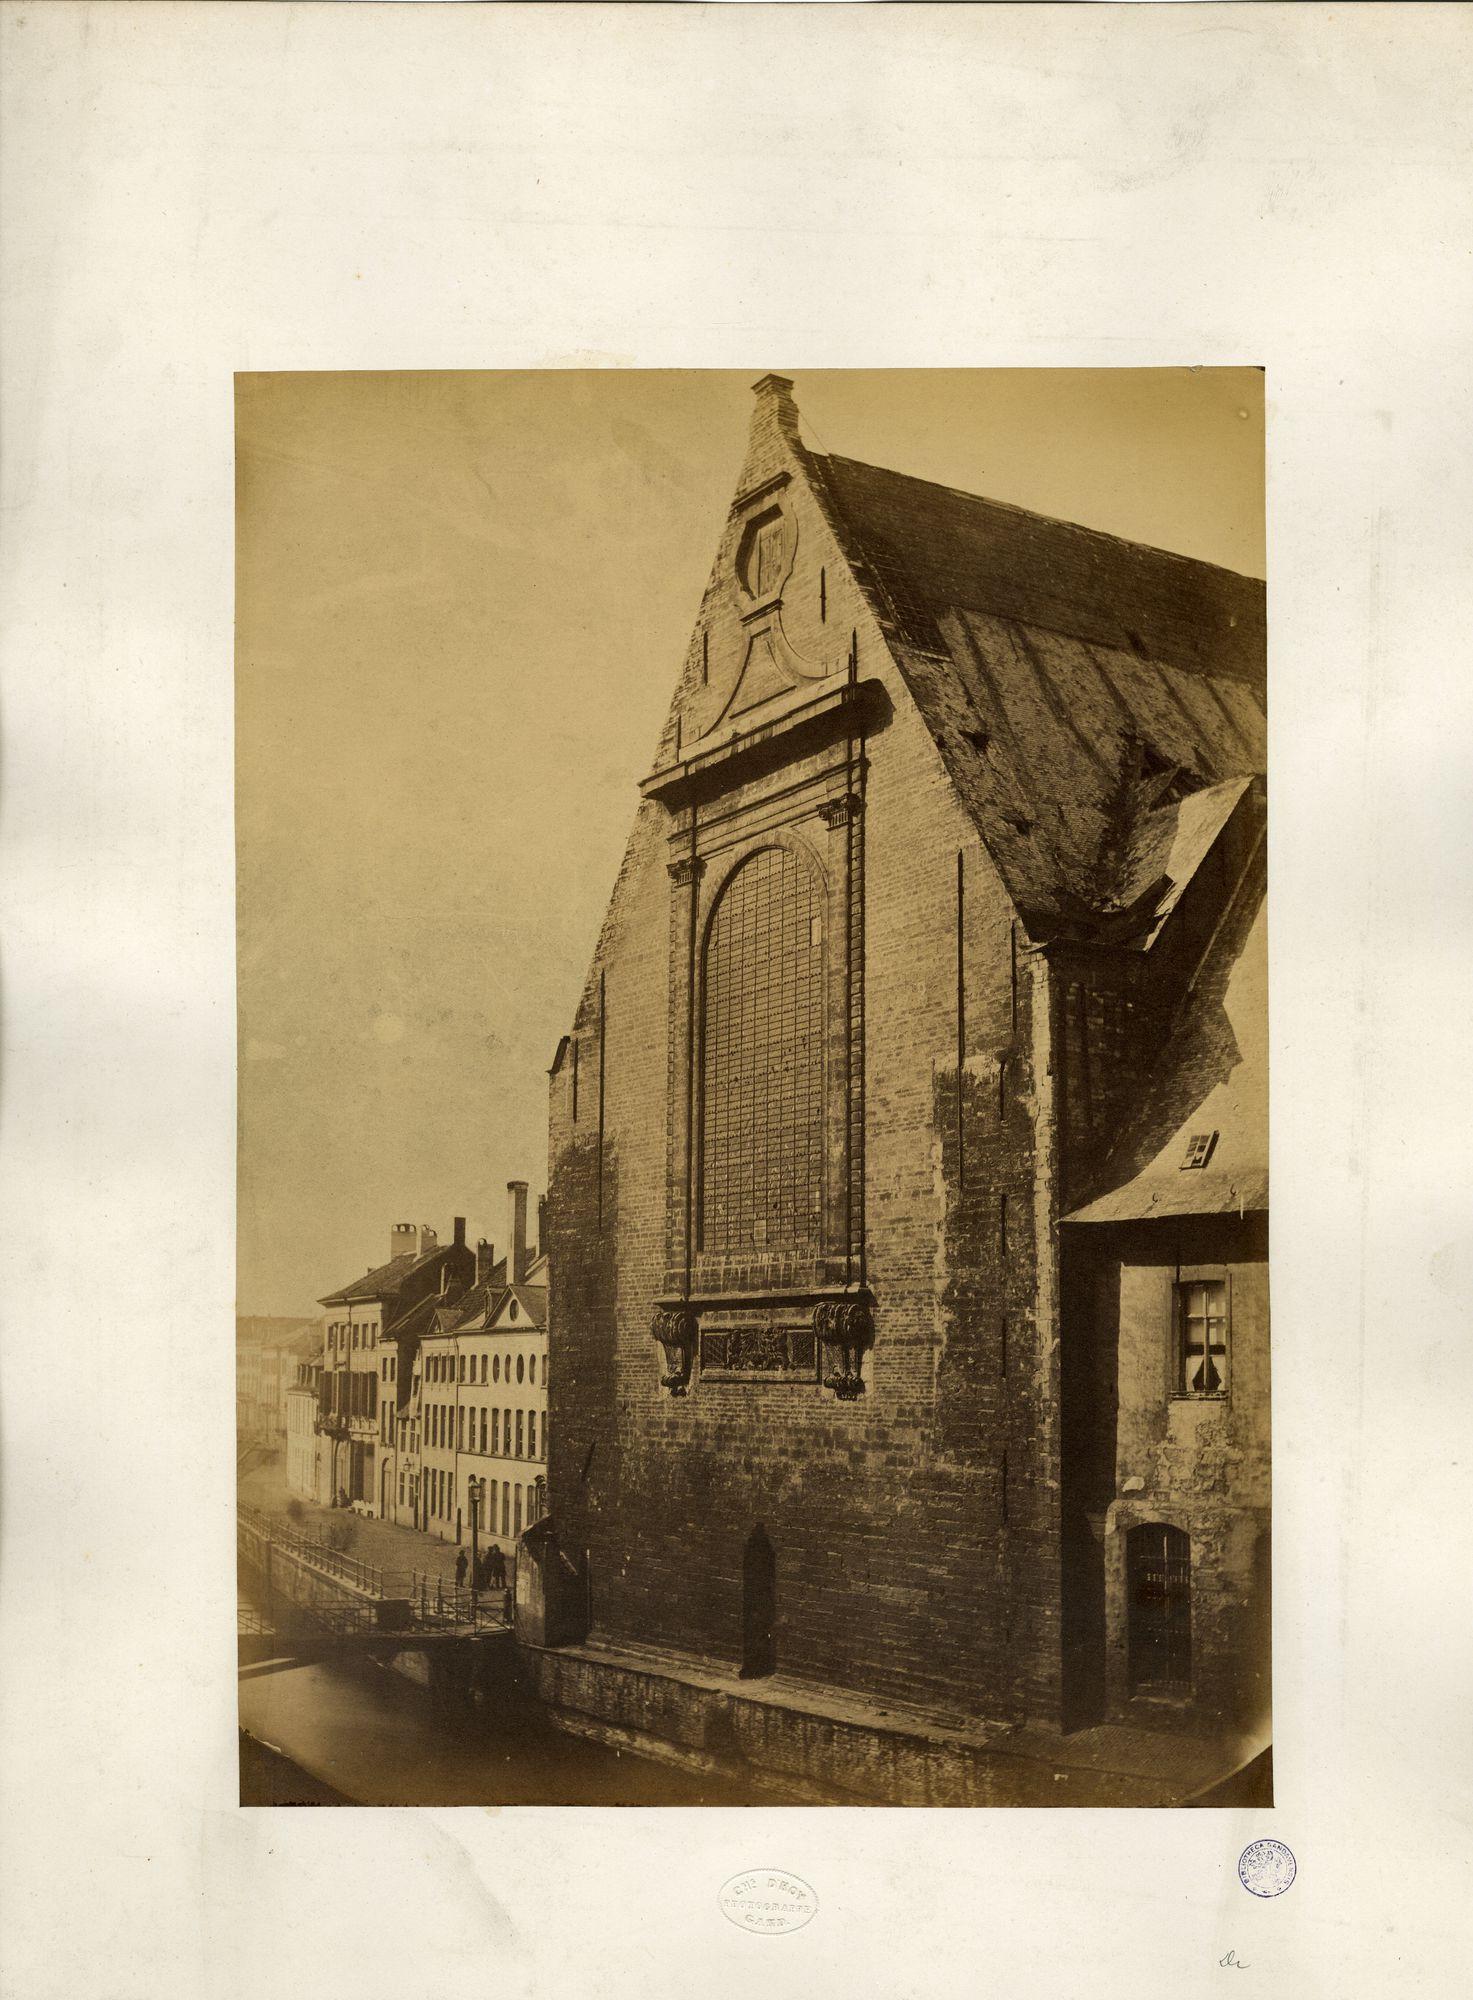 Gent: Predikherenkerk Oostzijde kant Leie. Predikherenbrugje en links de Ajuinlei.